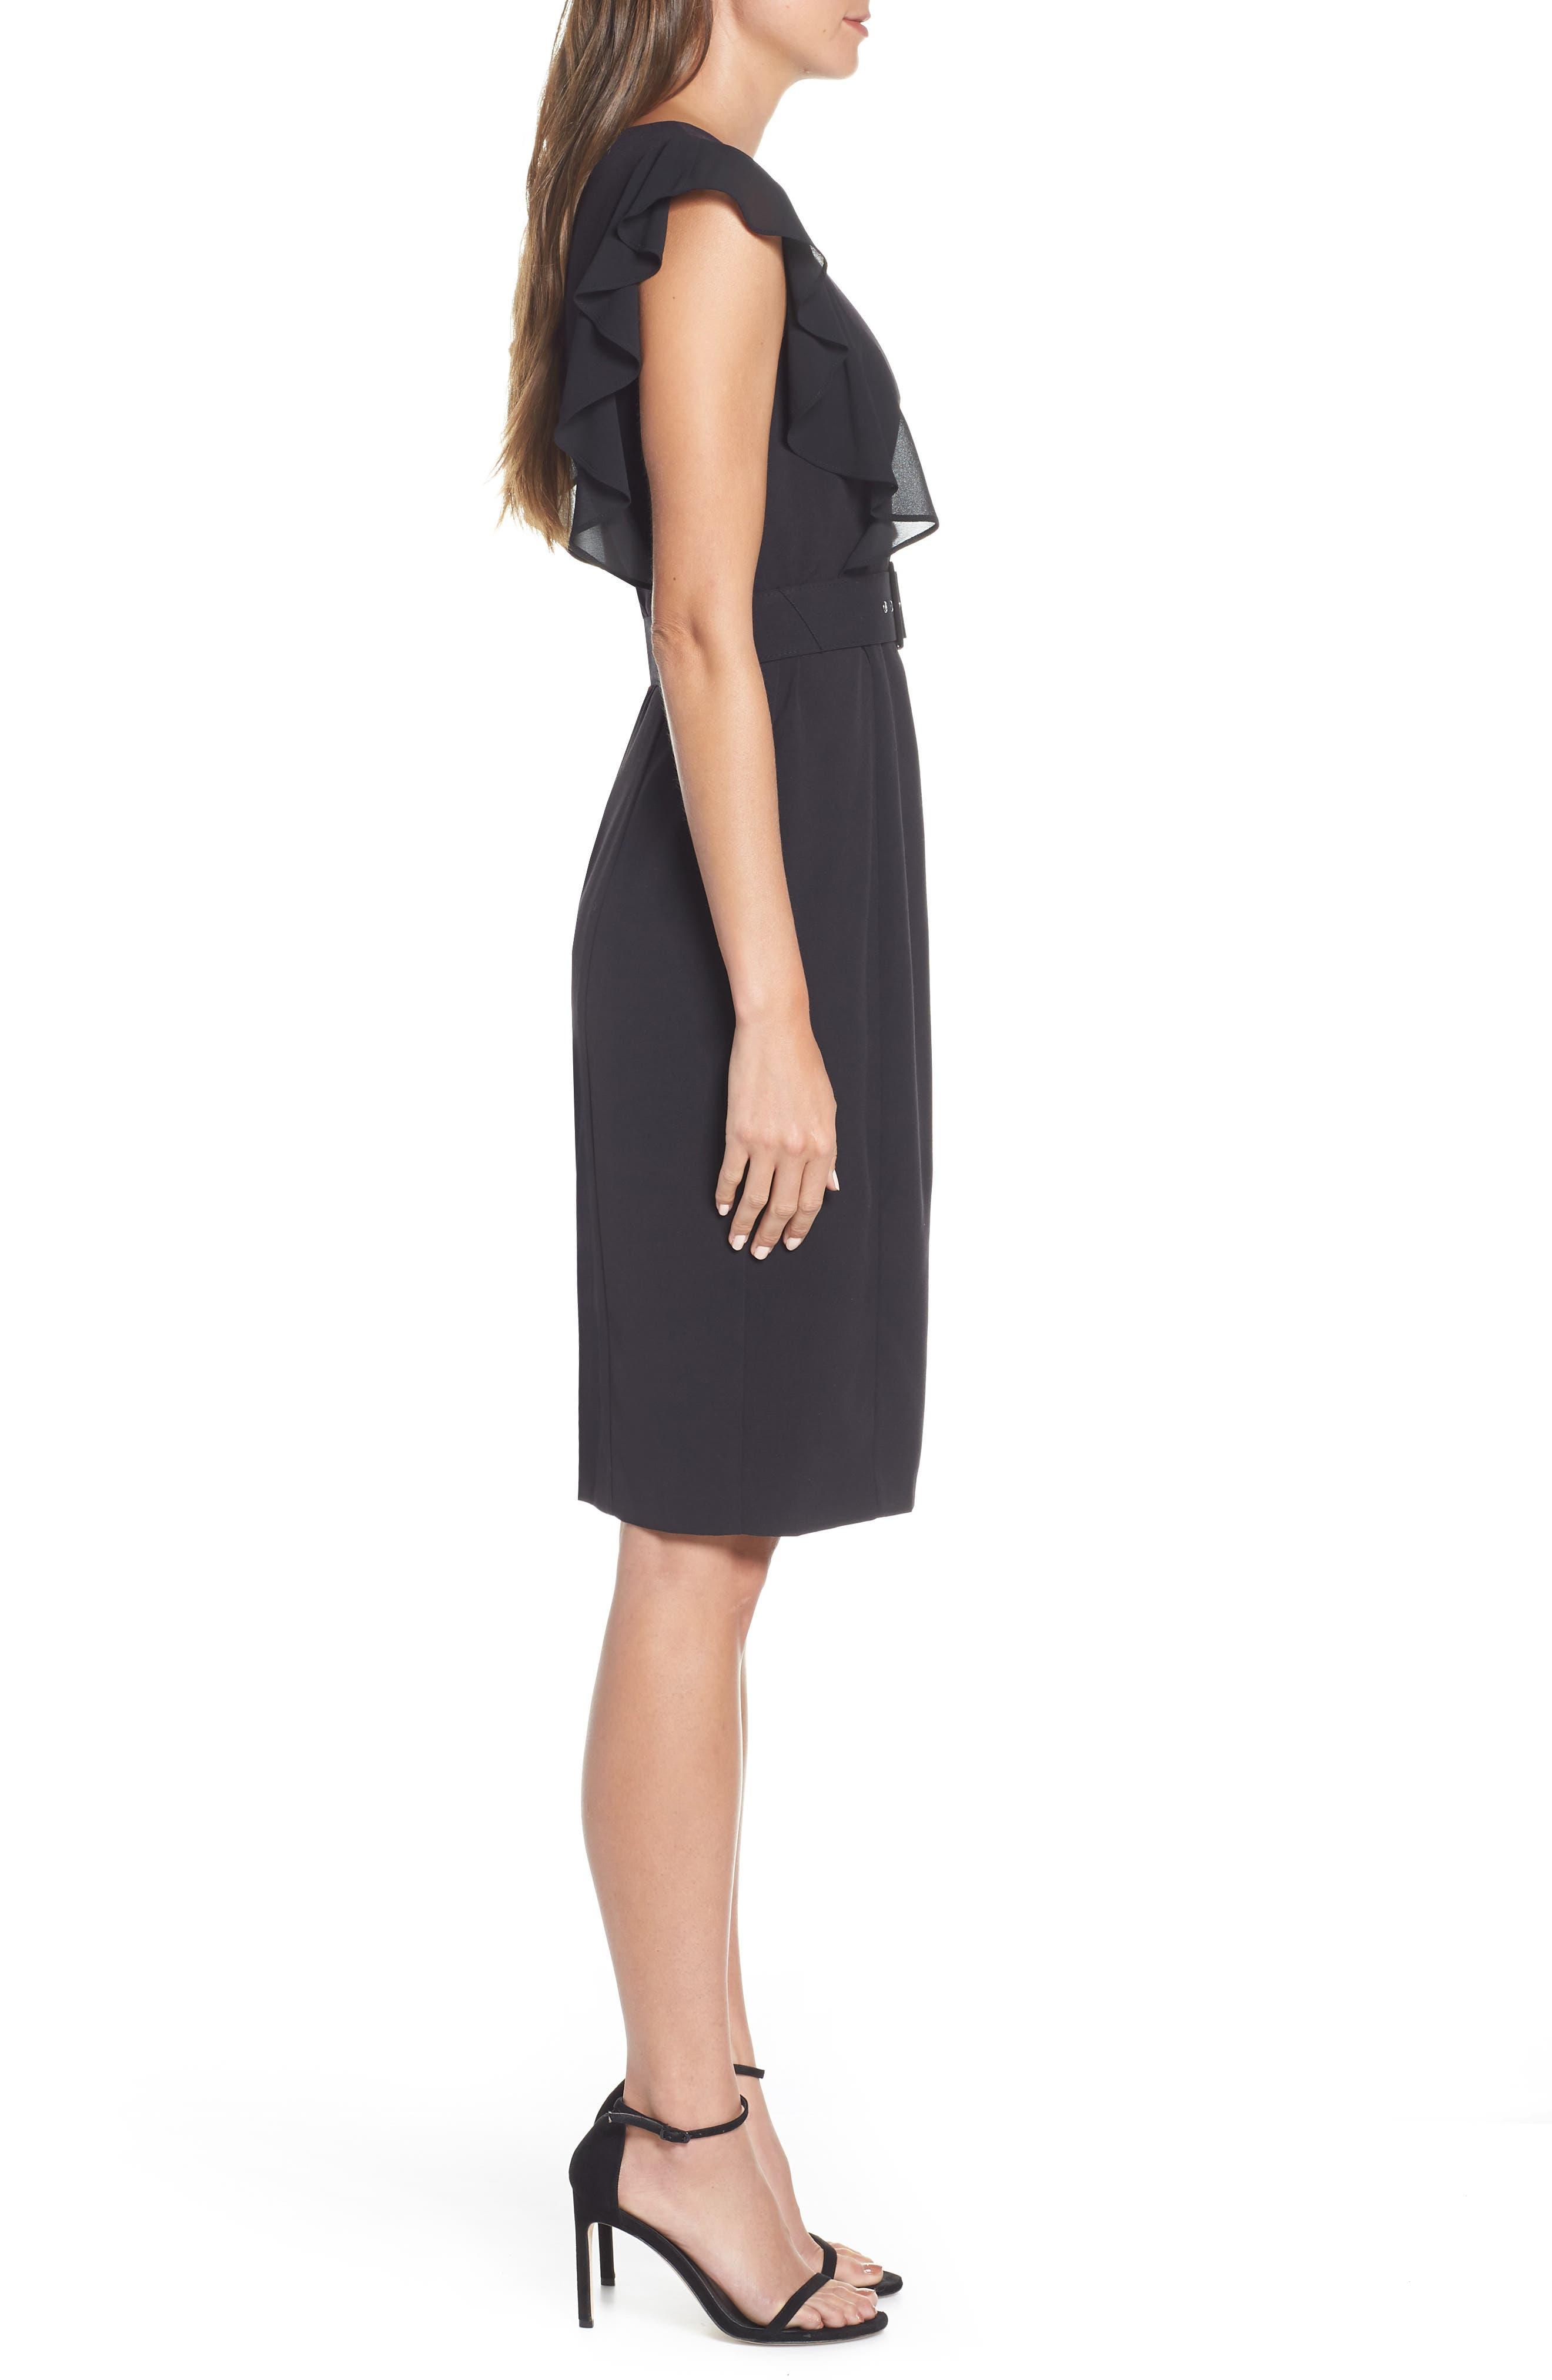 HARPER ROSE,                             Belted Sheath Dress,                             Alternate thumbnail 4, color,                             BLACK